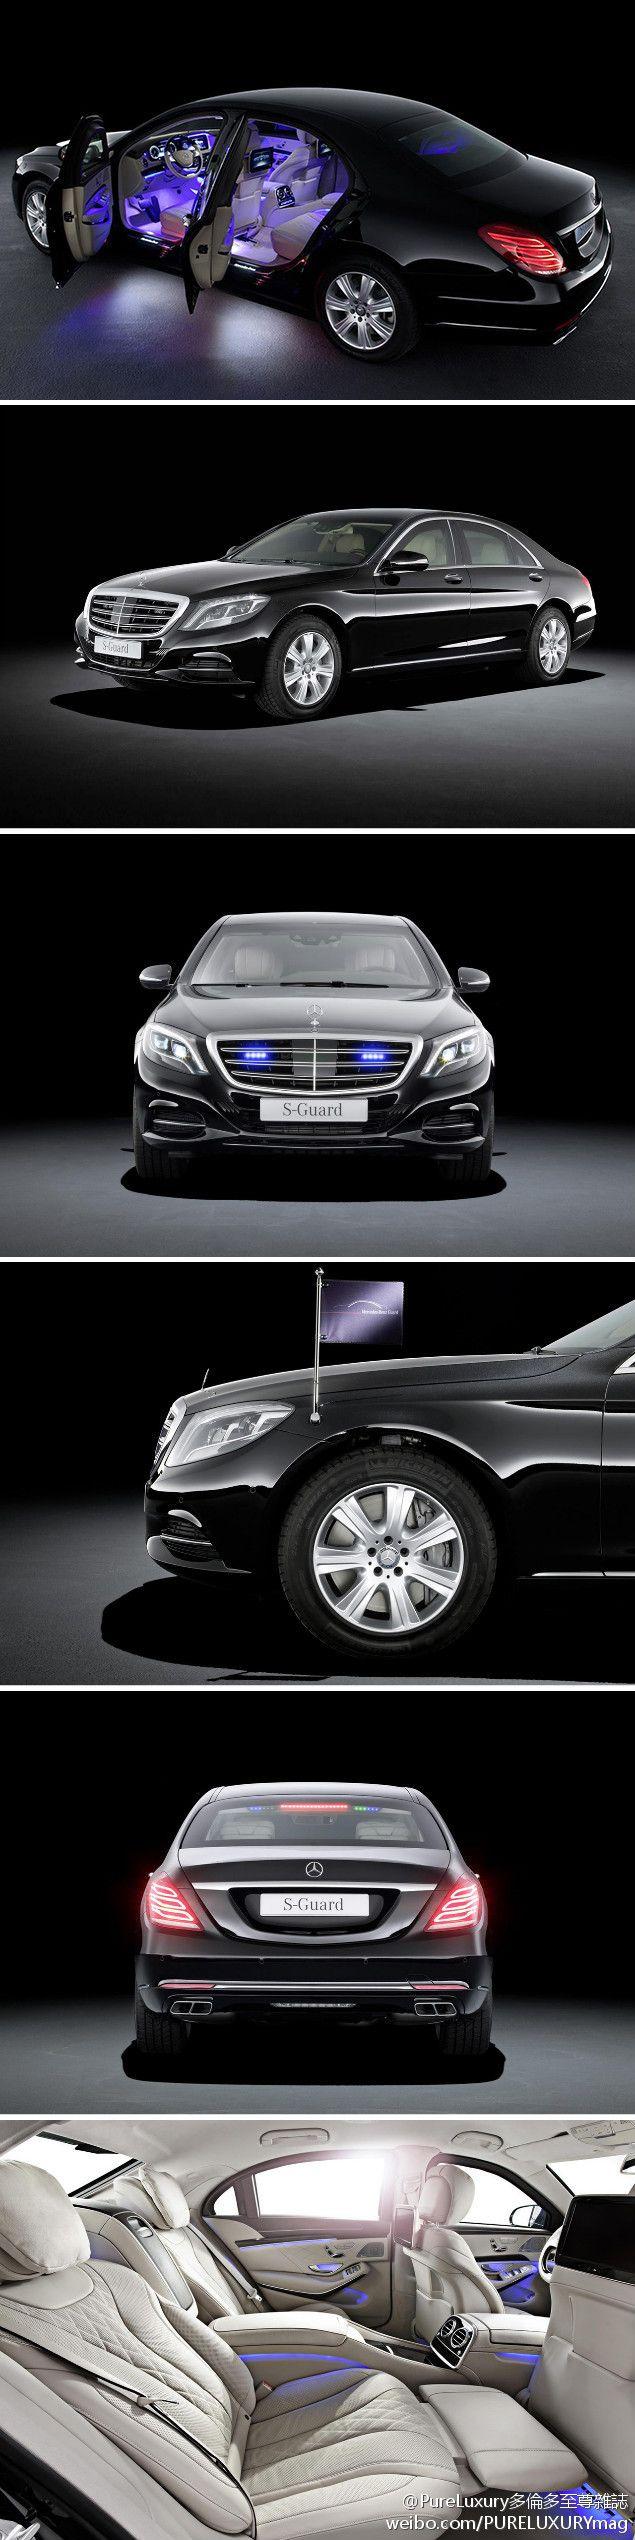 #Mercedes-Benz S600 Guard #car